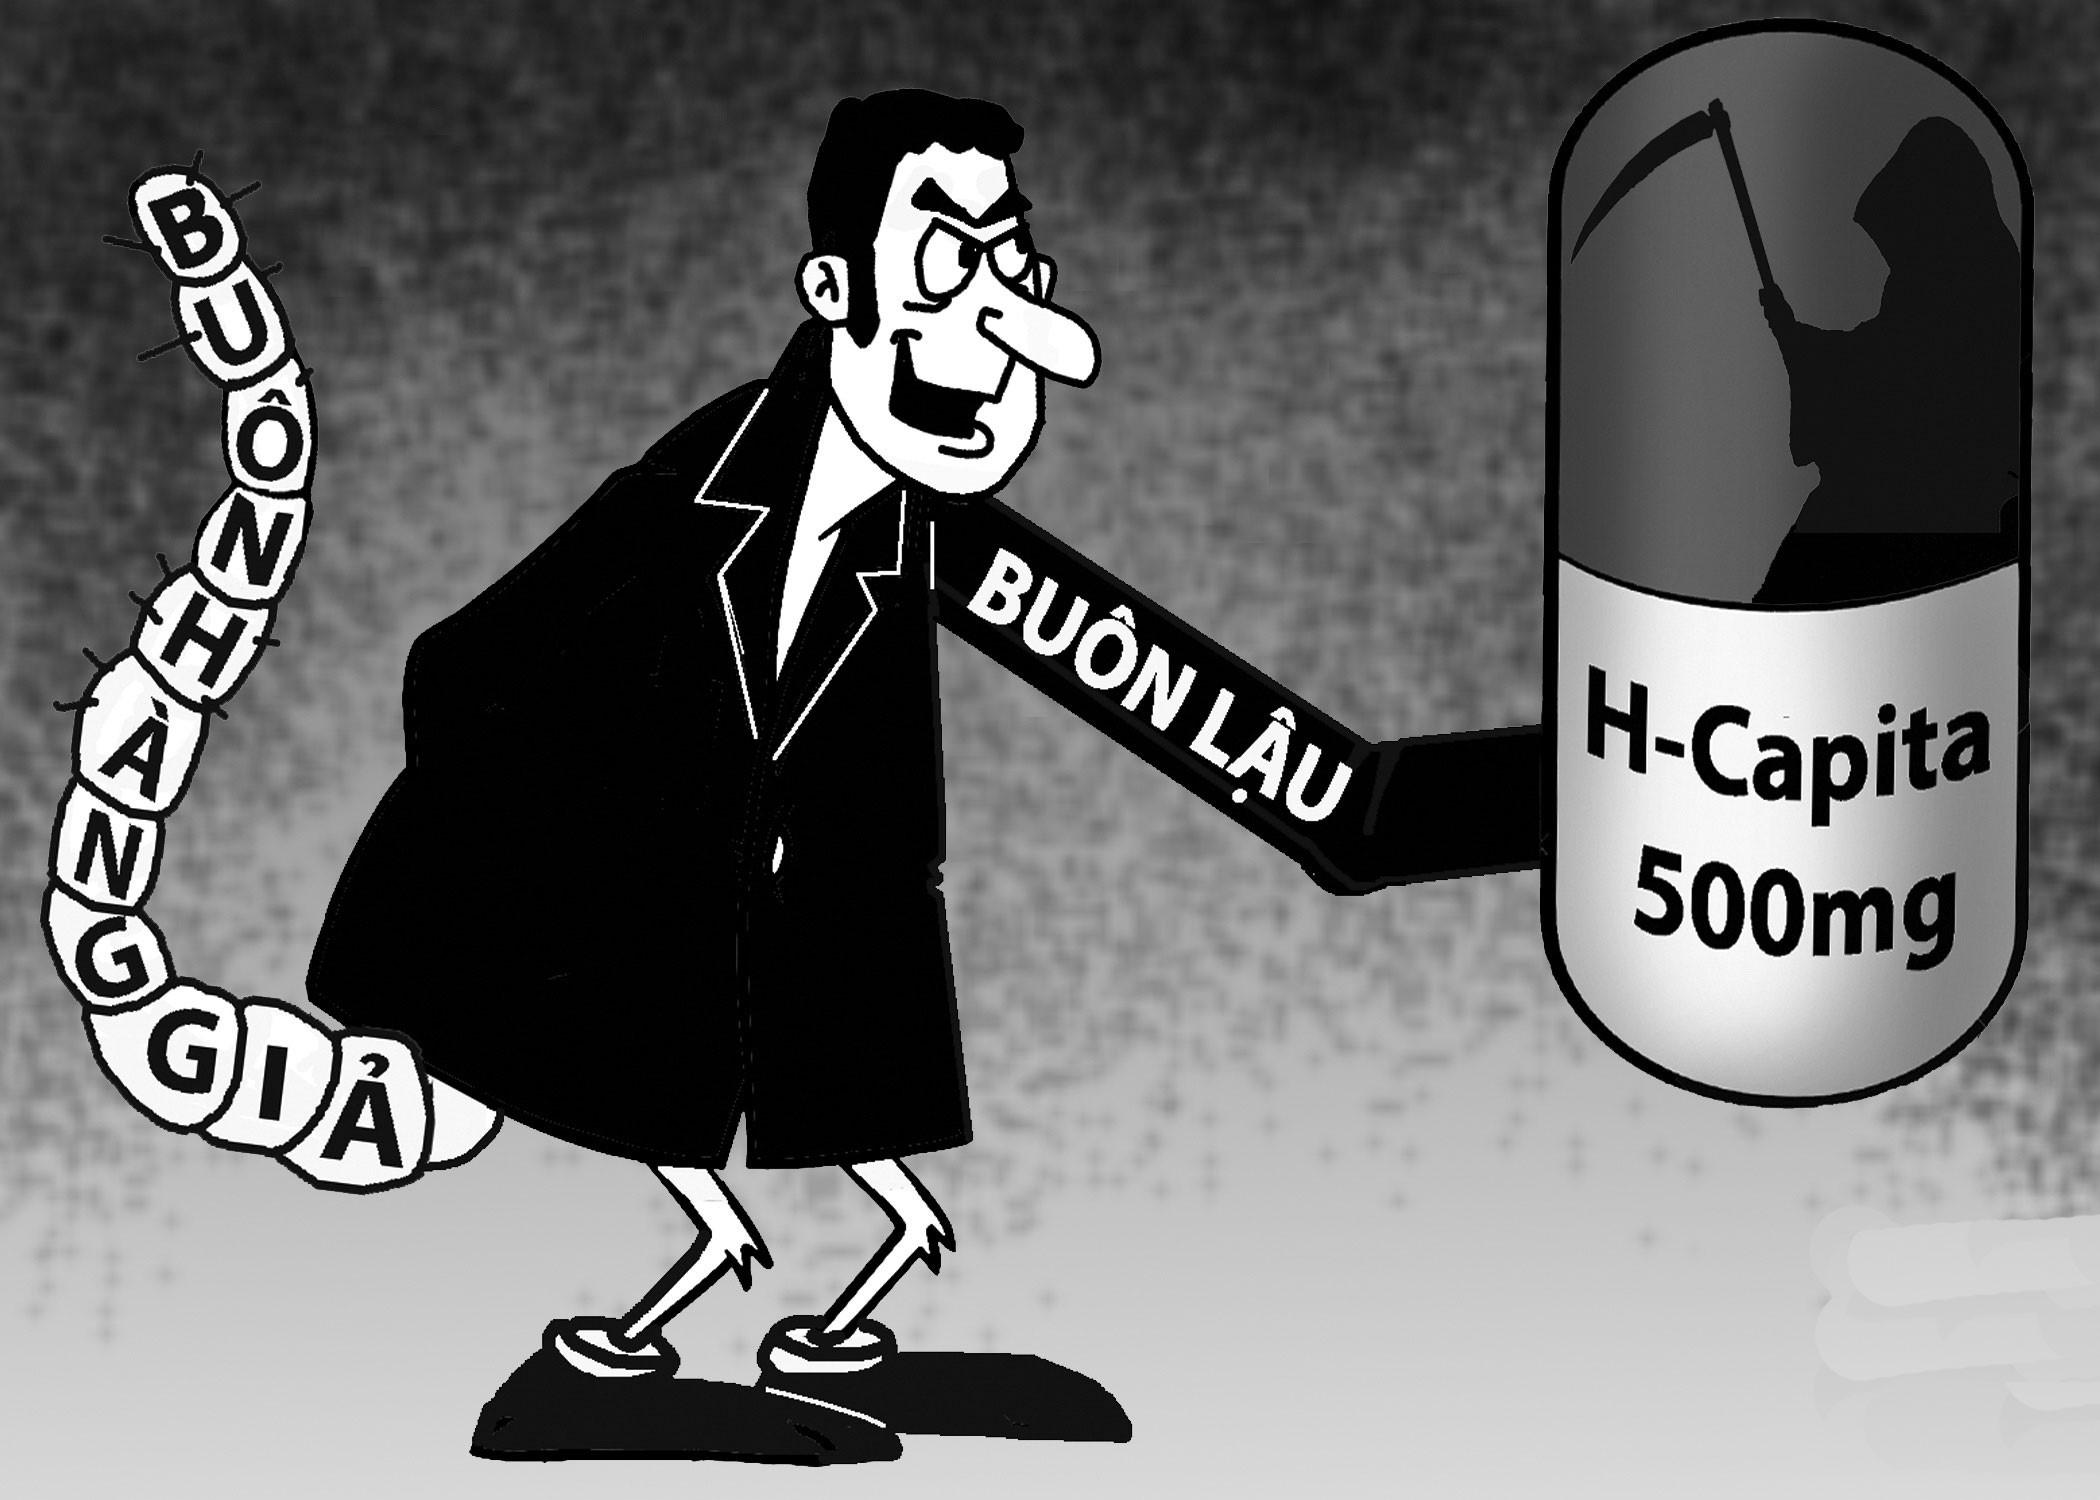 Tội buôn lậu và tội buôn bán hàng giả là thuốc chữa bệnh có gì khác nhau?